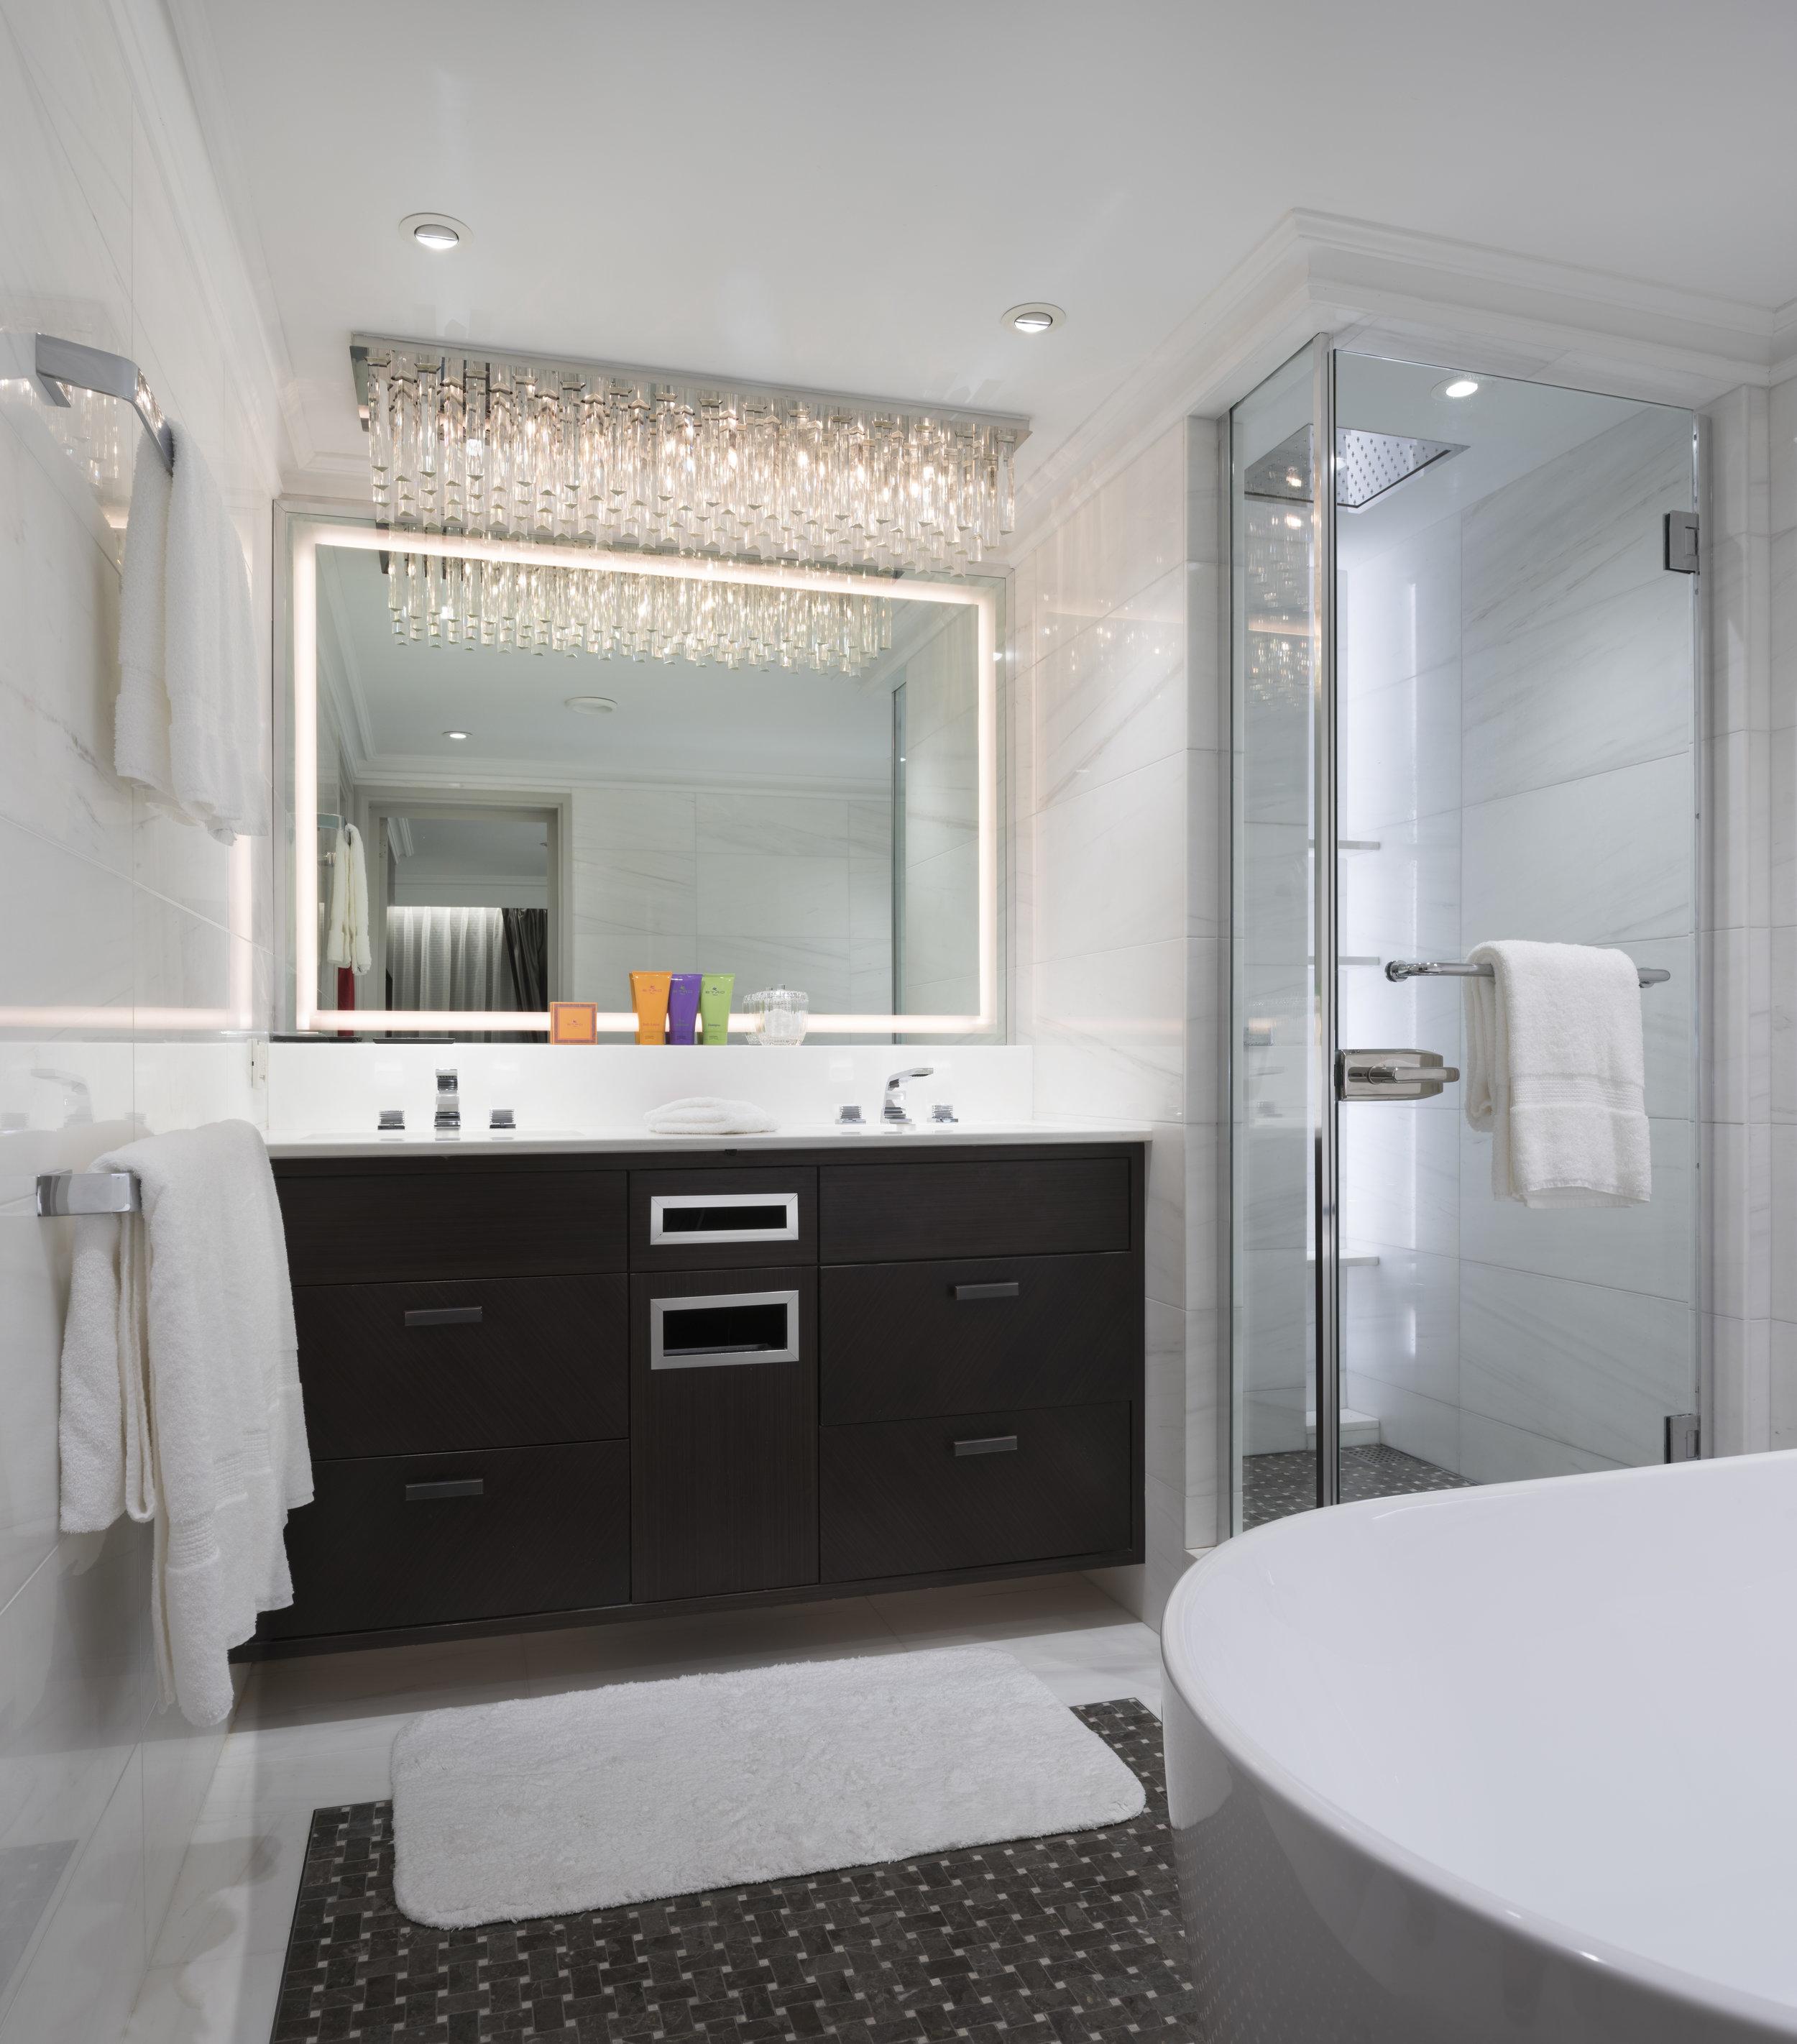 Esprit_OwnerSuite_Bathroom.jpg